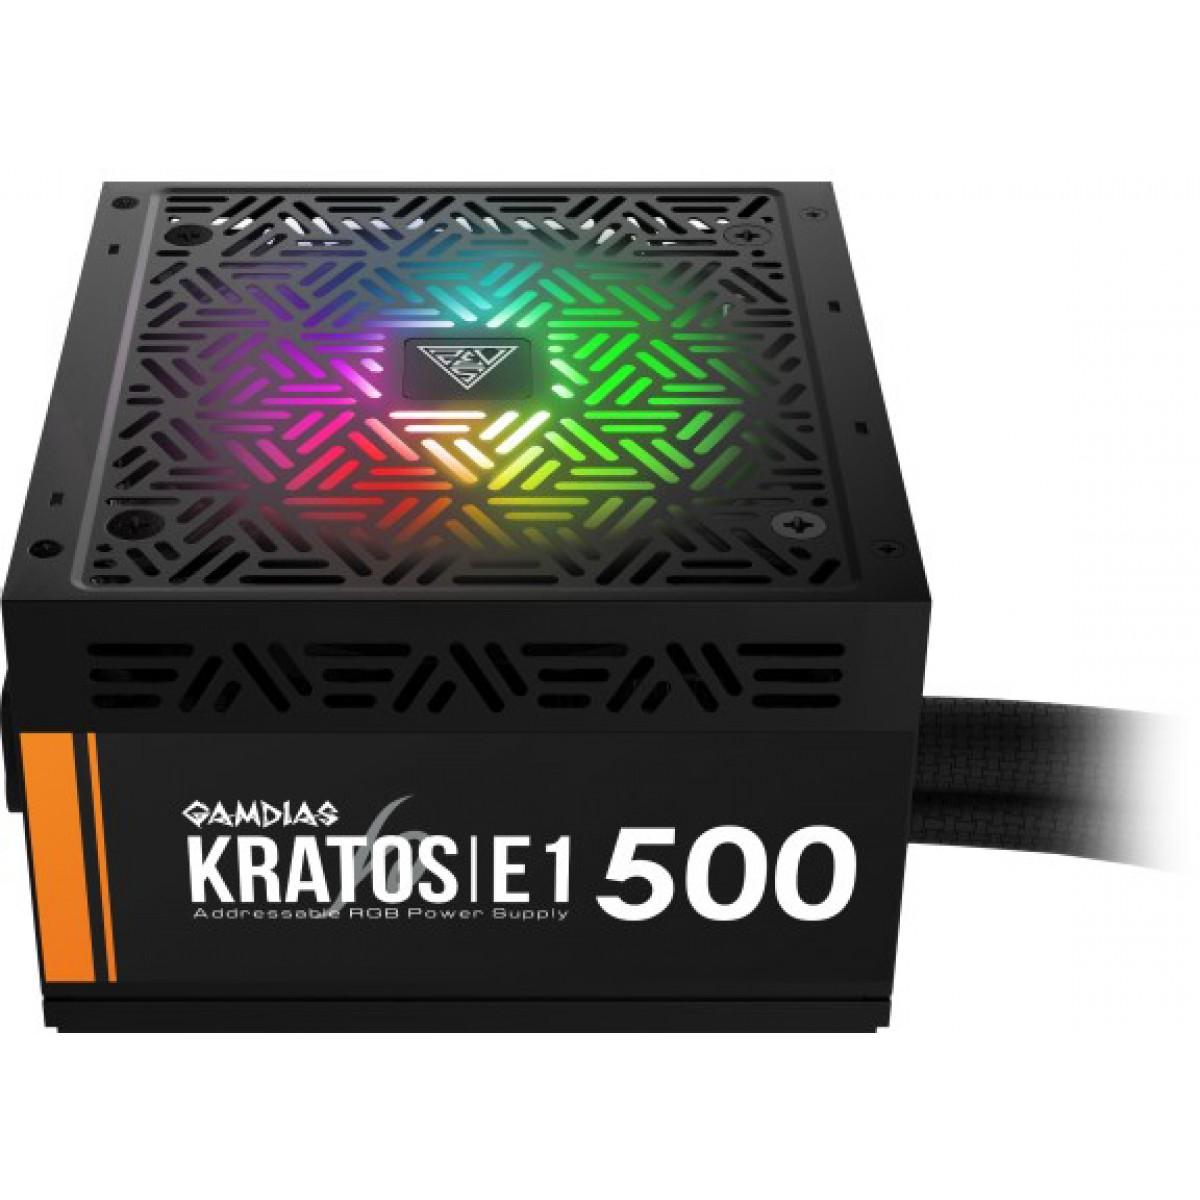 Fonte Gamdias Kratos E1 500W RGB, 80 Plus White